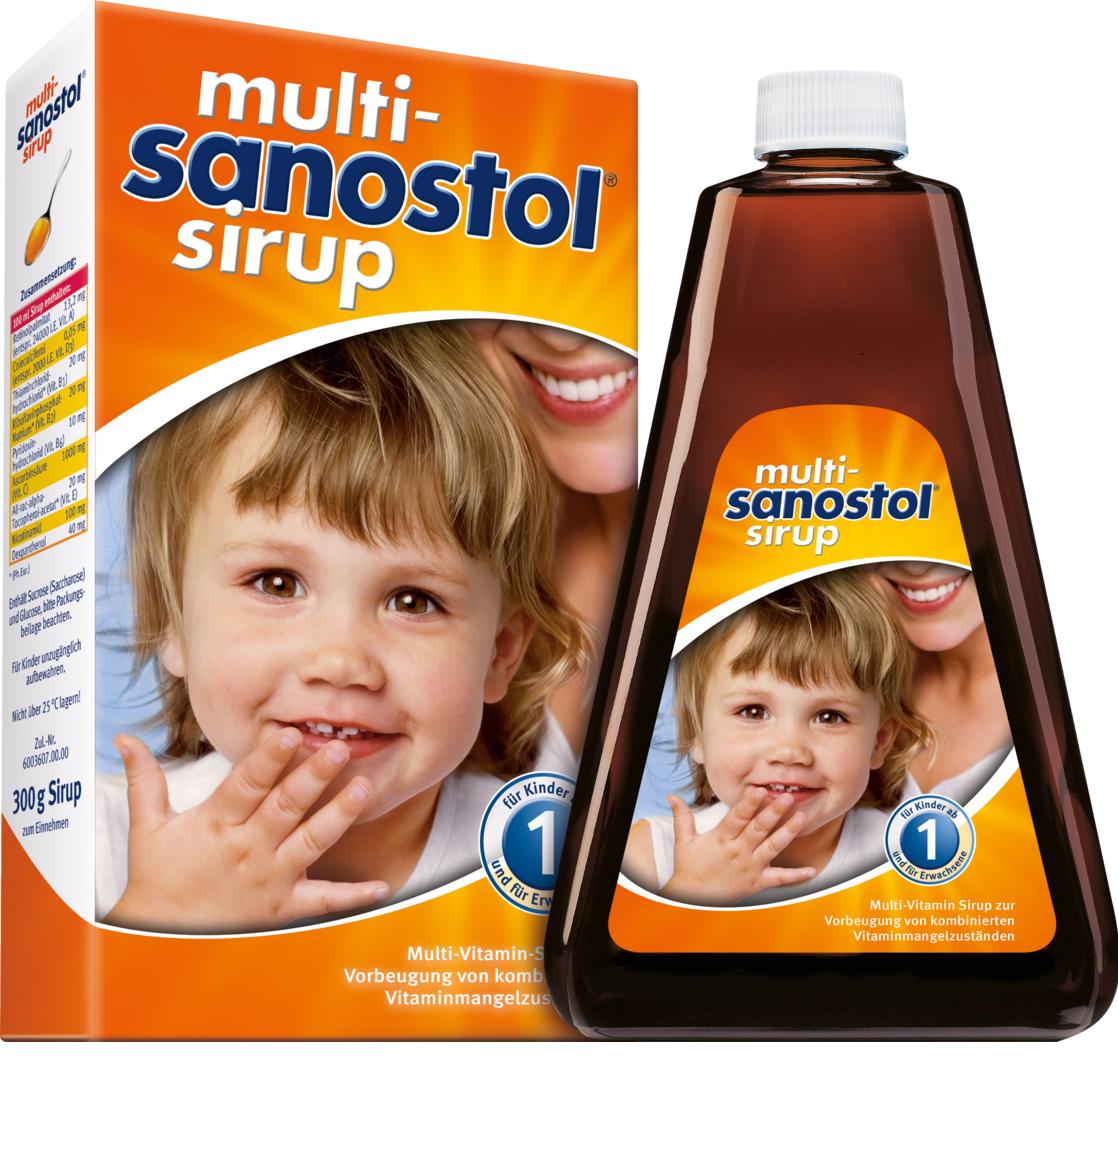 Viatmin tổng hợp Sanostol số 1 cho trẻ 1-3 tuổi dạng siro